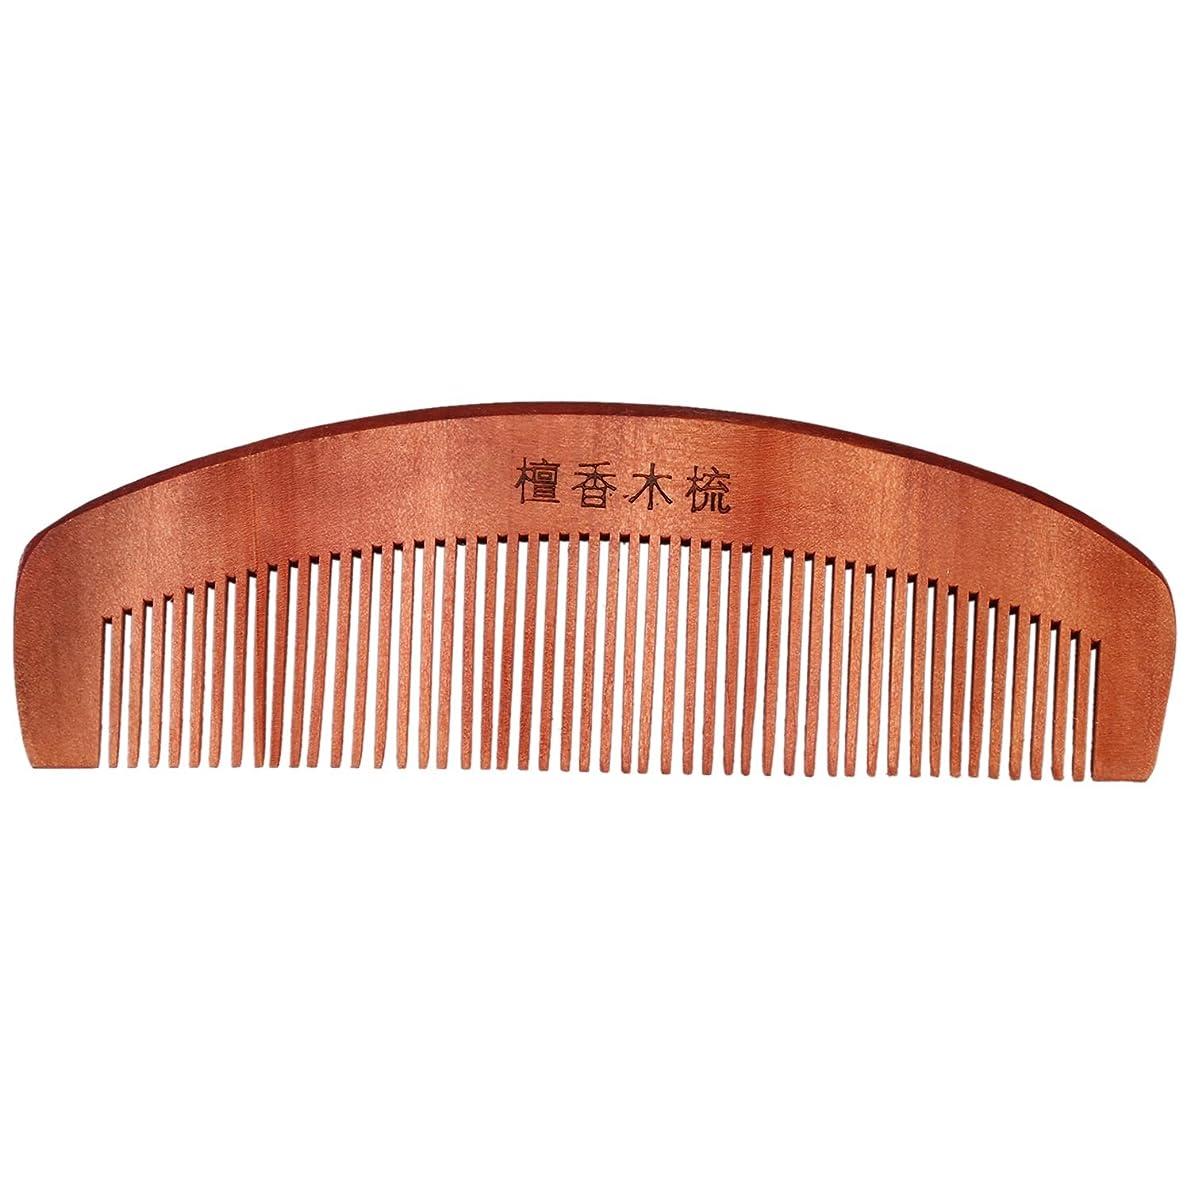 マイクロフォンレプリカ告発くし,SODIAL(R)コーヒー色の香りの良い天然木木製の髪ケア理髪くし5.7